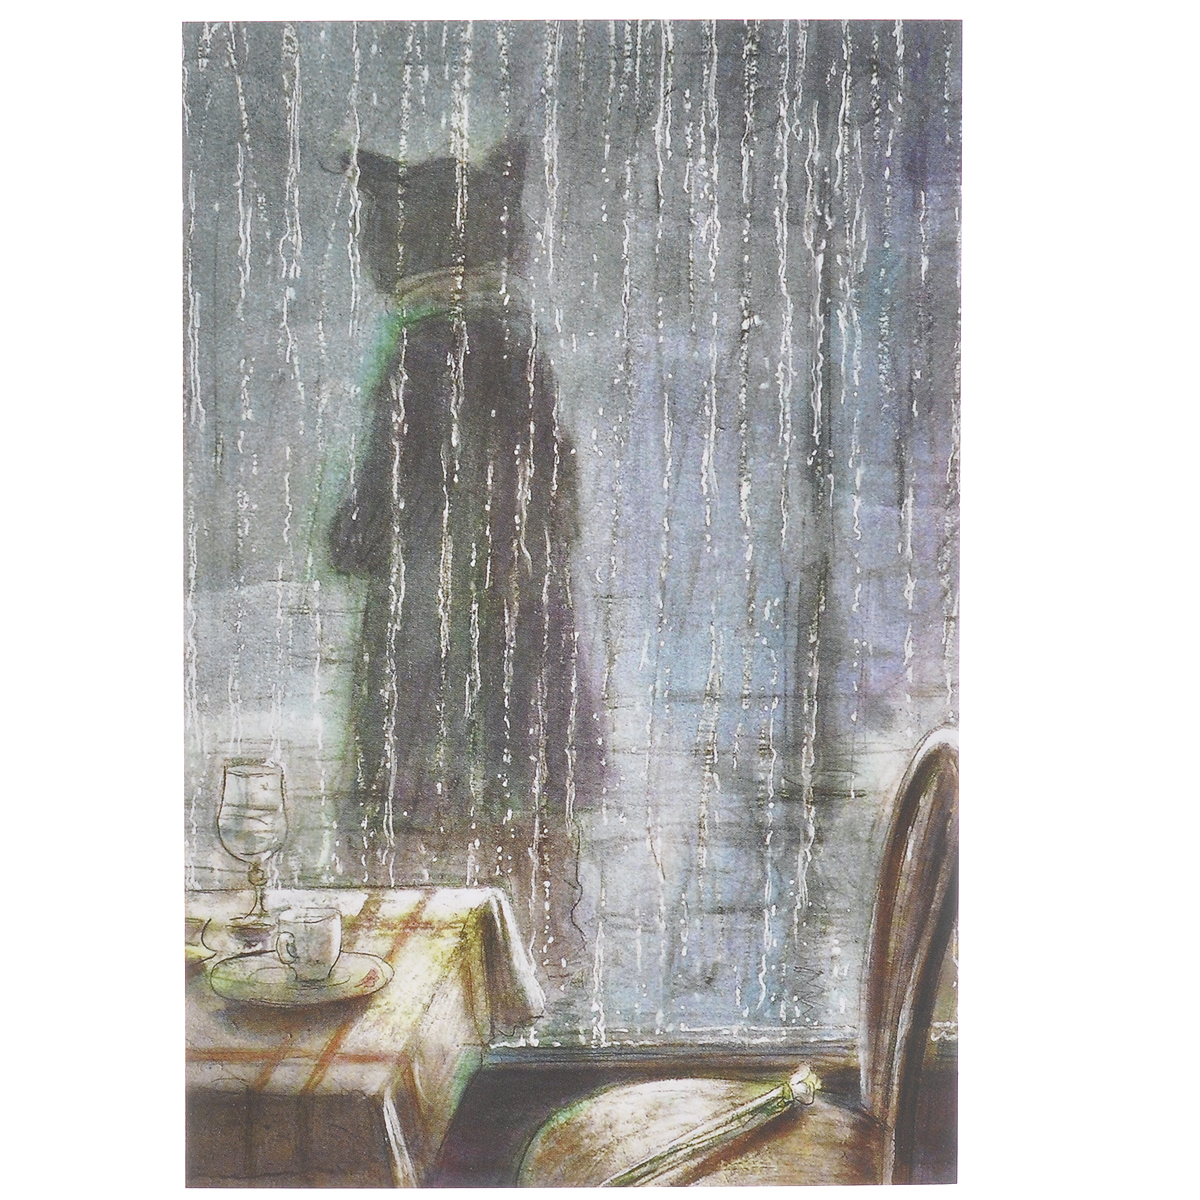 Открытка В дождь. Из набора Парижский Кот-художник. Автор: Андрей АринушкинБрелок для ключейОригинальная дизайнерская открытка В дождь из набора Парижский Кот-художник выполнена из плотного матового картона. На лицевой стороне расположена репродукция картины художника Андрея Аринушкина. На задней стороне имеется поле для записей.Такая открытка станет великолепным дополнением к подарку или оригинальным почтовым посланием, которое, несомненно, удивит получателя своим дизайном и подарит приятные воспоминания.